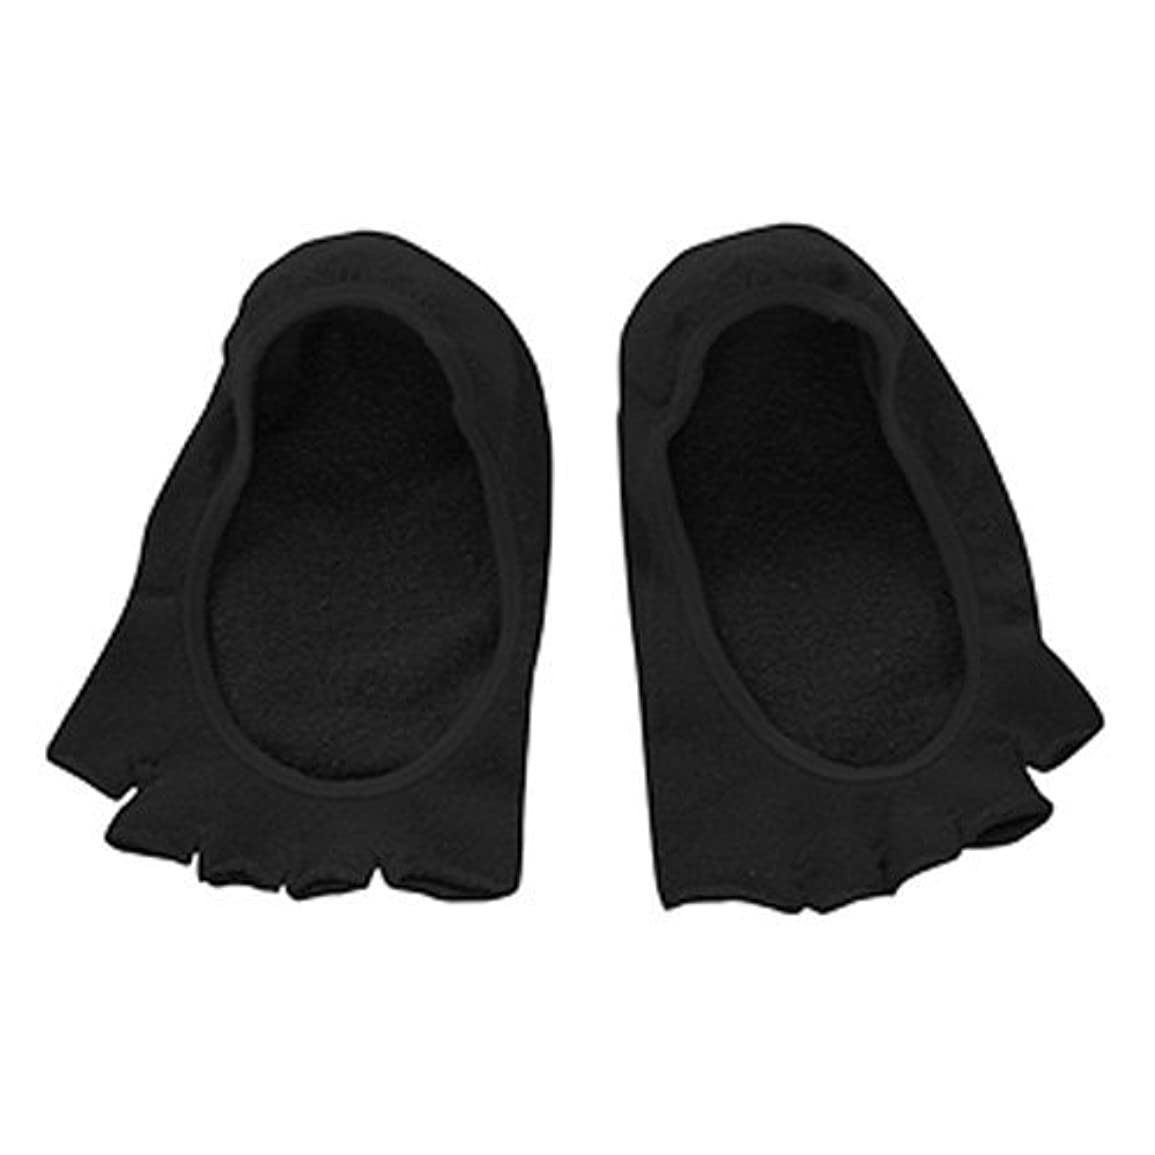 飾る翻訳者窒素コクーンフィット 5本指オープントゥのフットカバー(かかとシリコン付き) ブラック